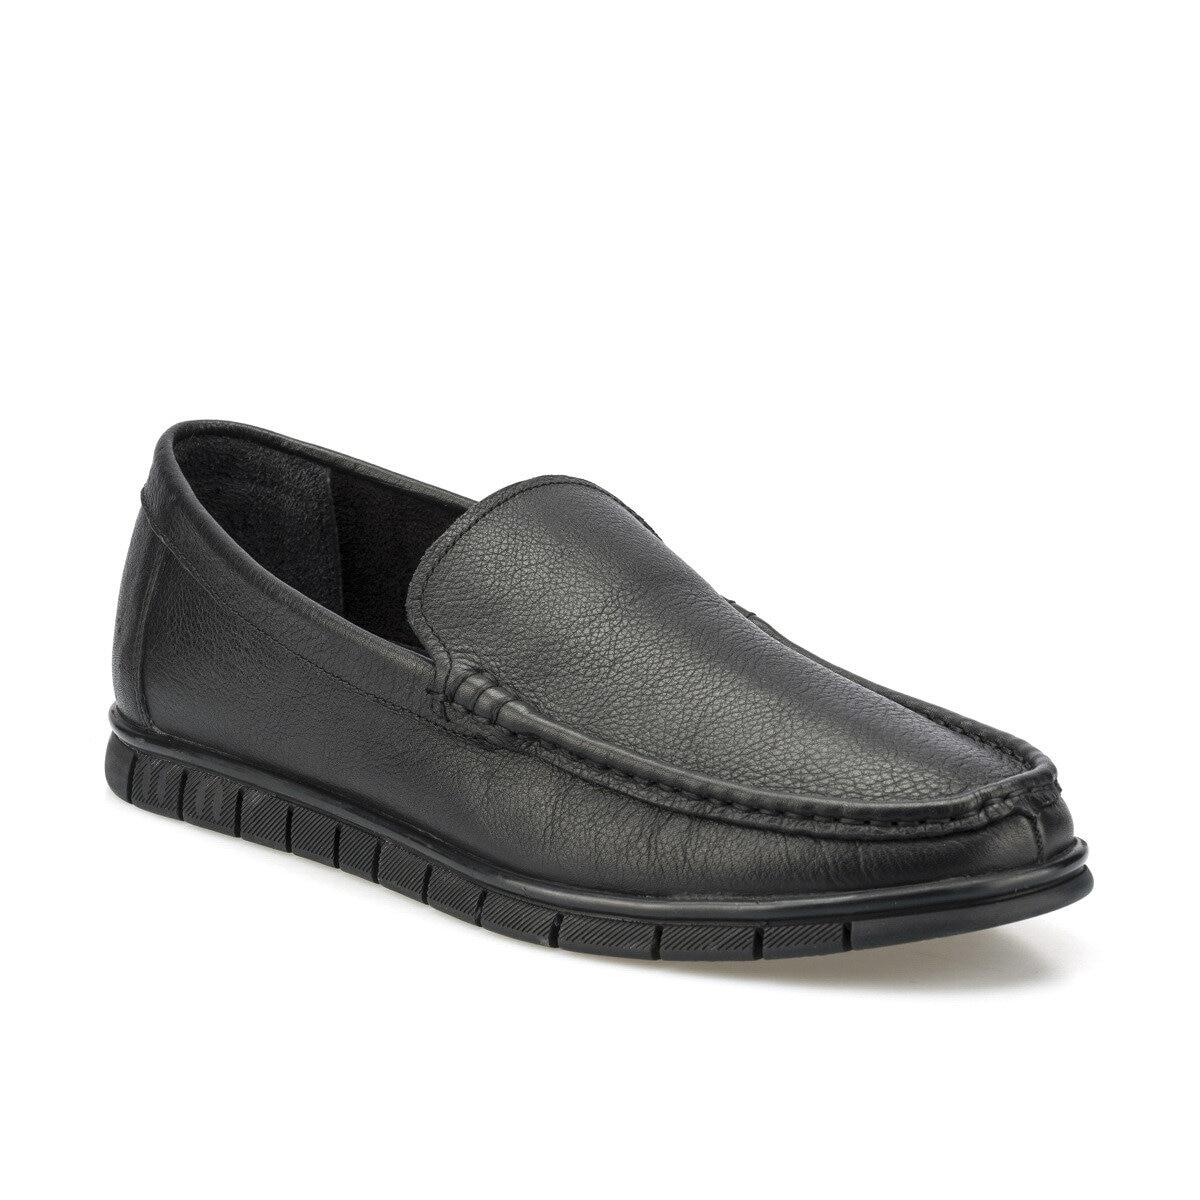 FLO 102068,m zapatos clásicos negros para hombre Polaris 5 puntos